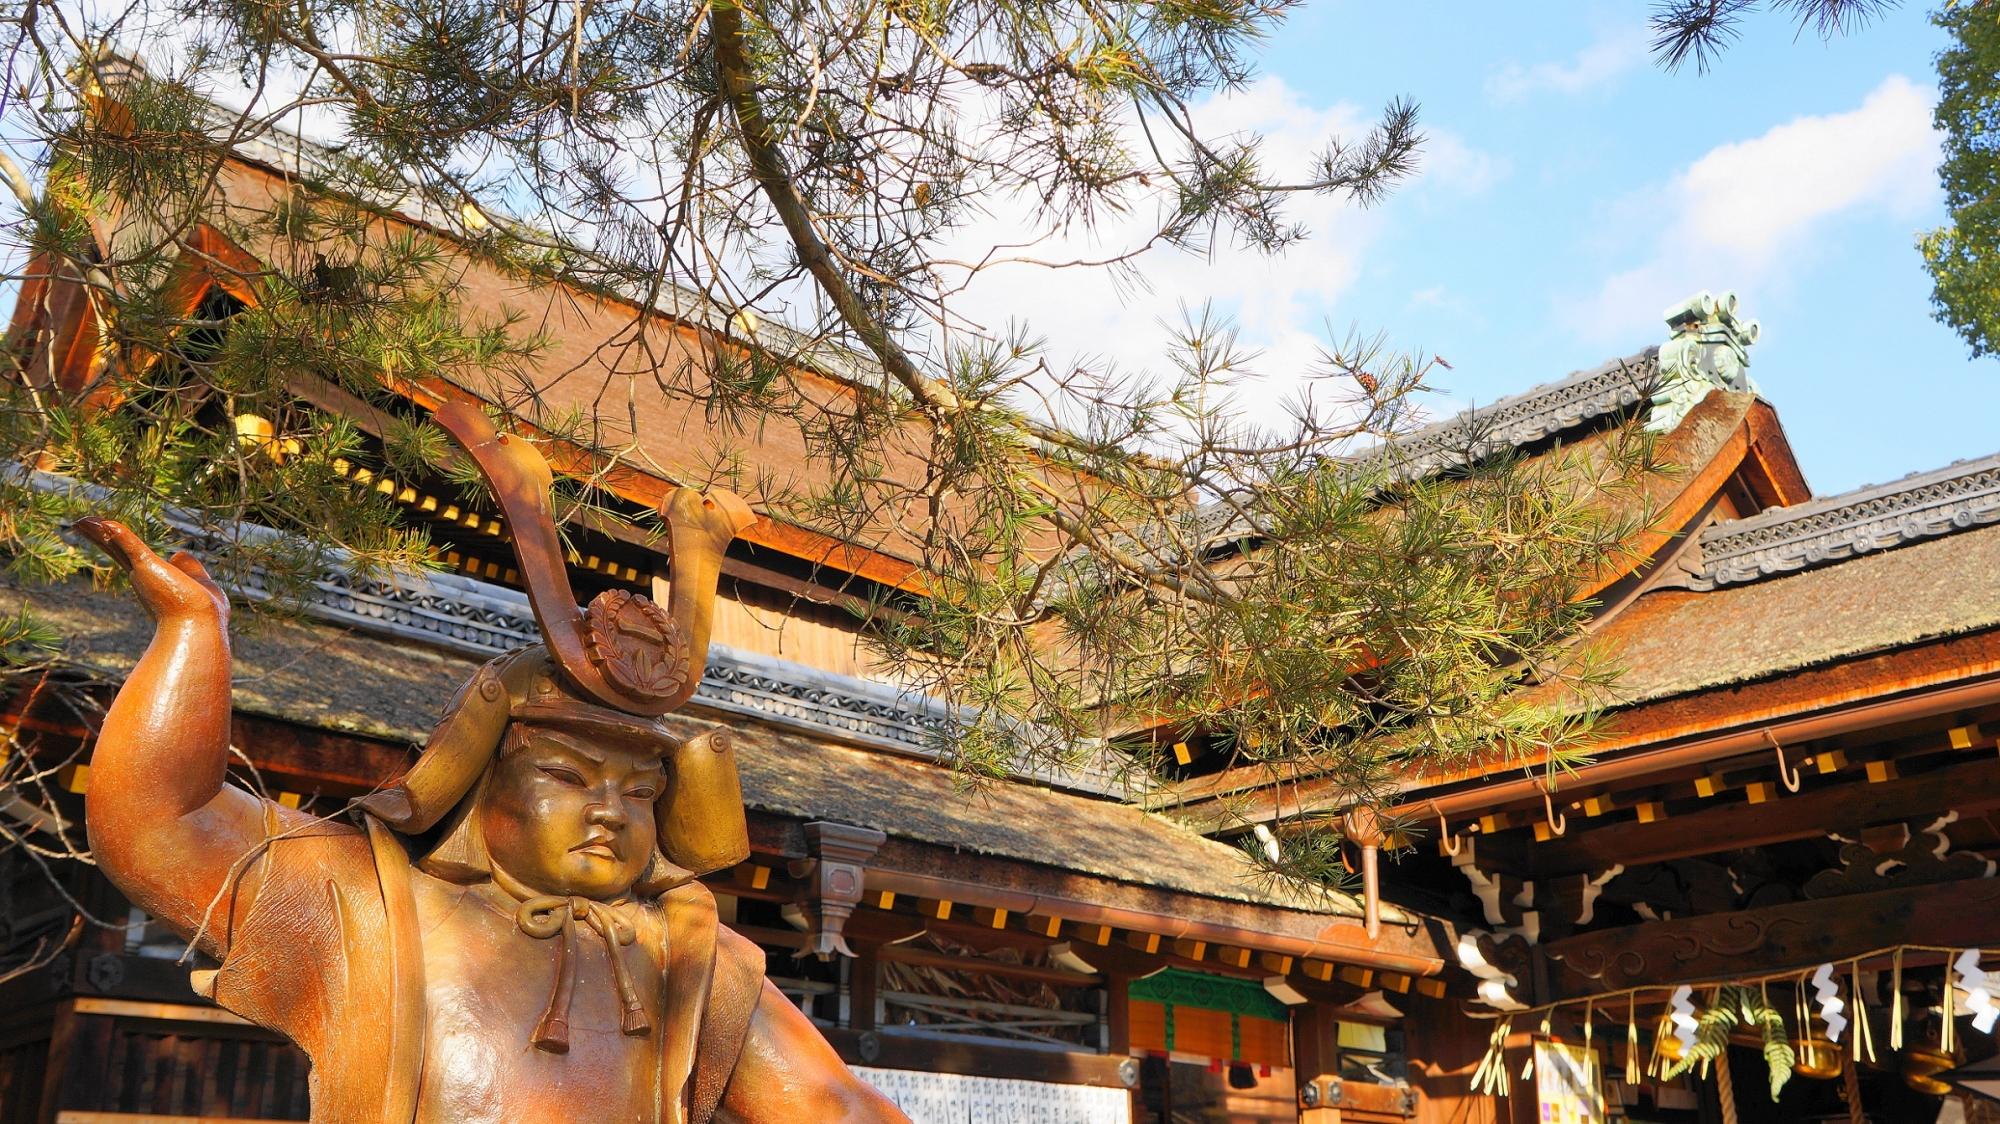 勝負ごとの神様として有名な藤森神社の金太郎像と本殿